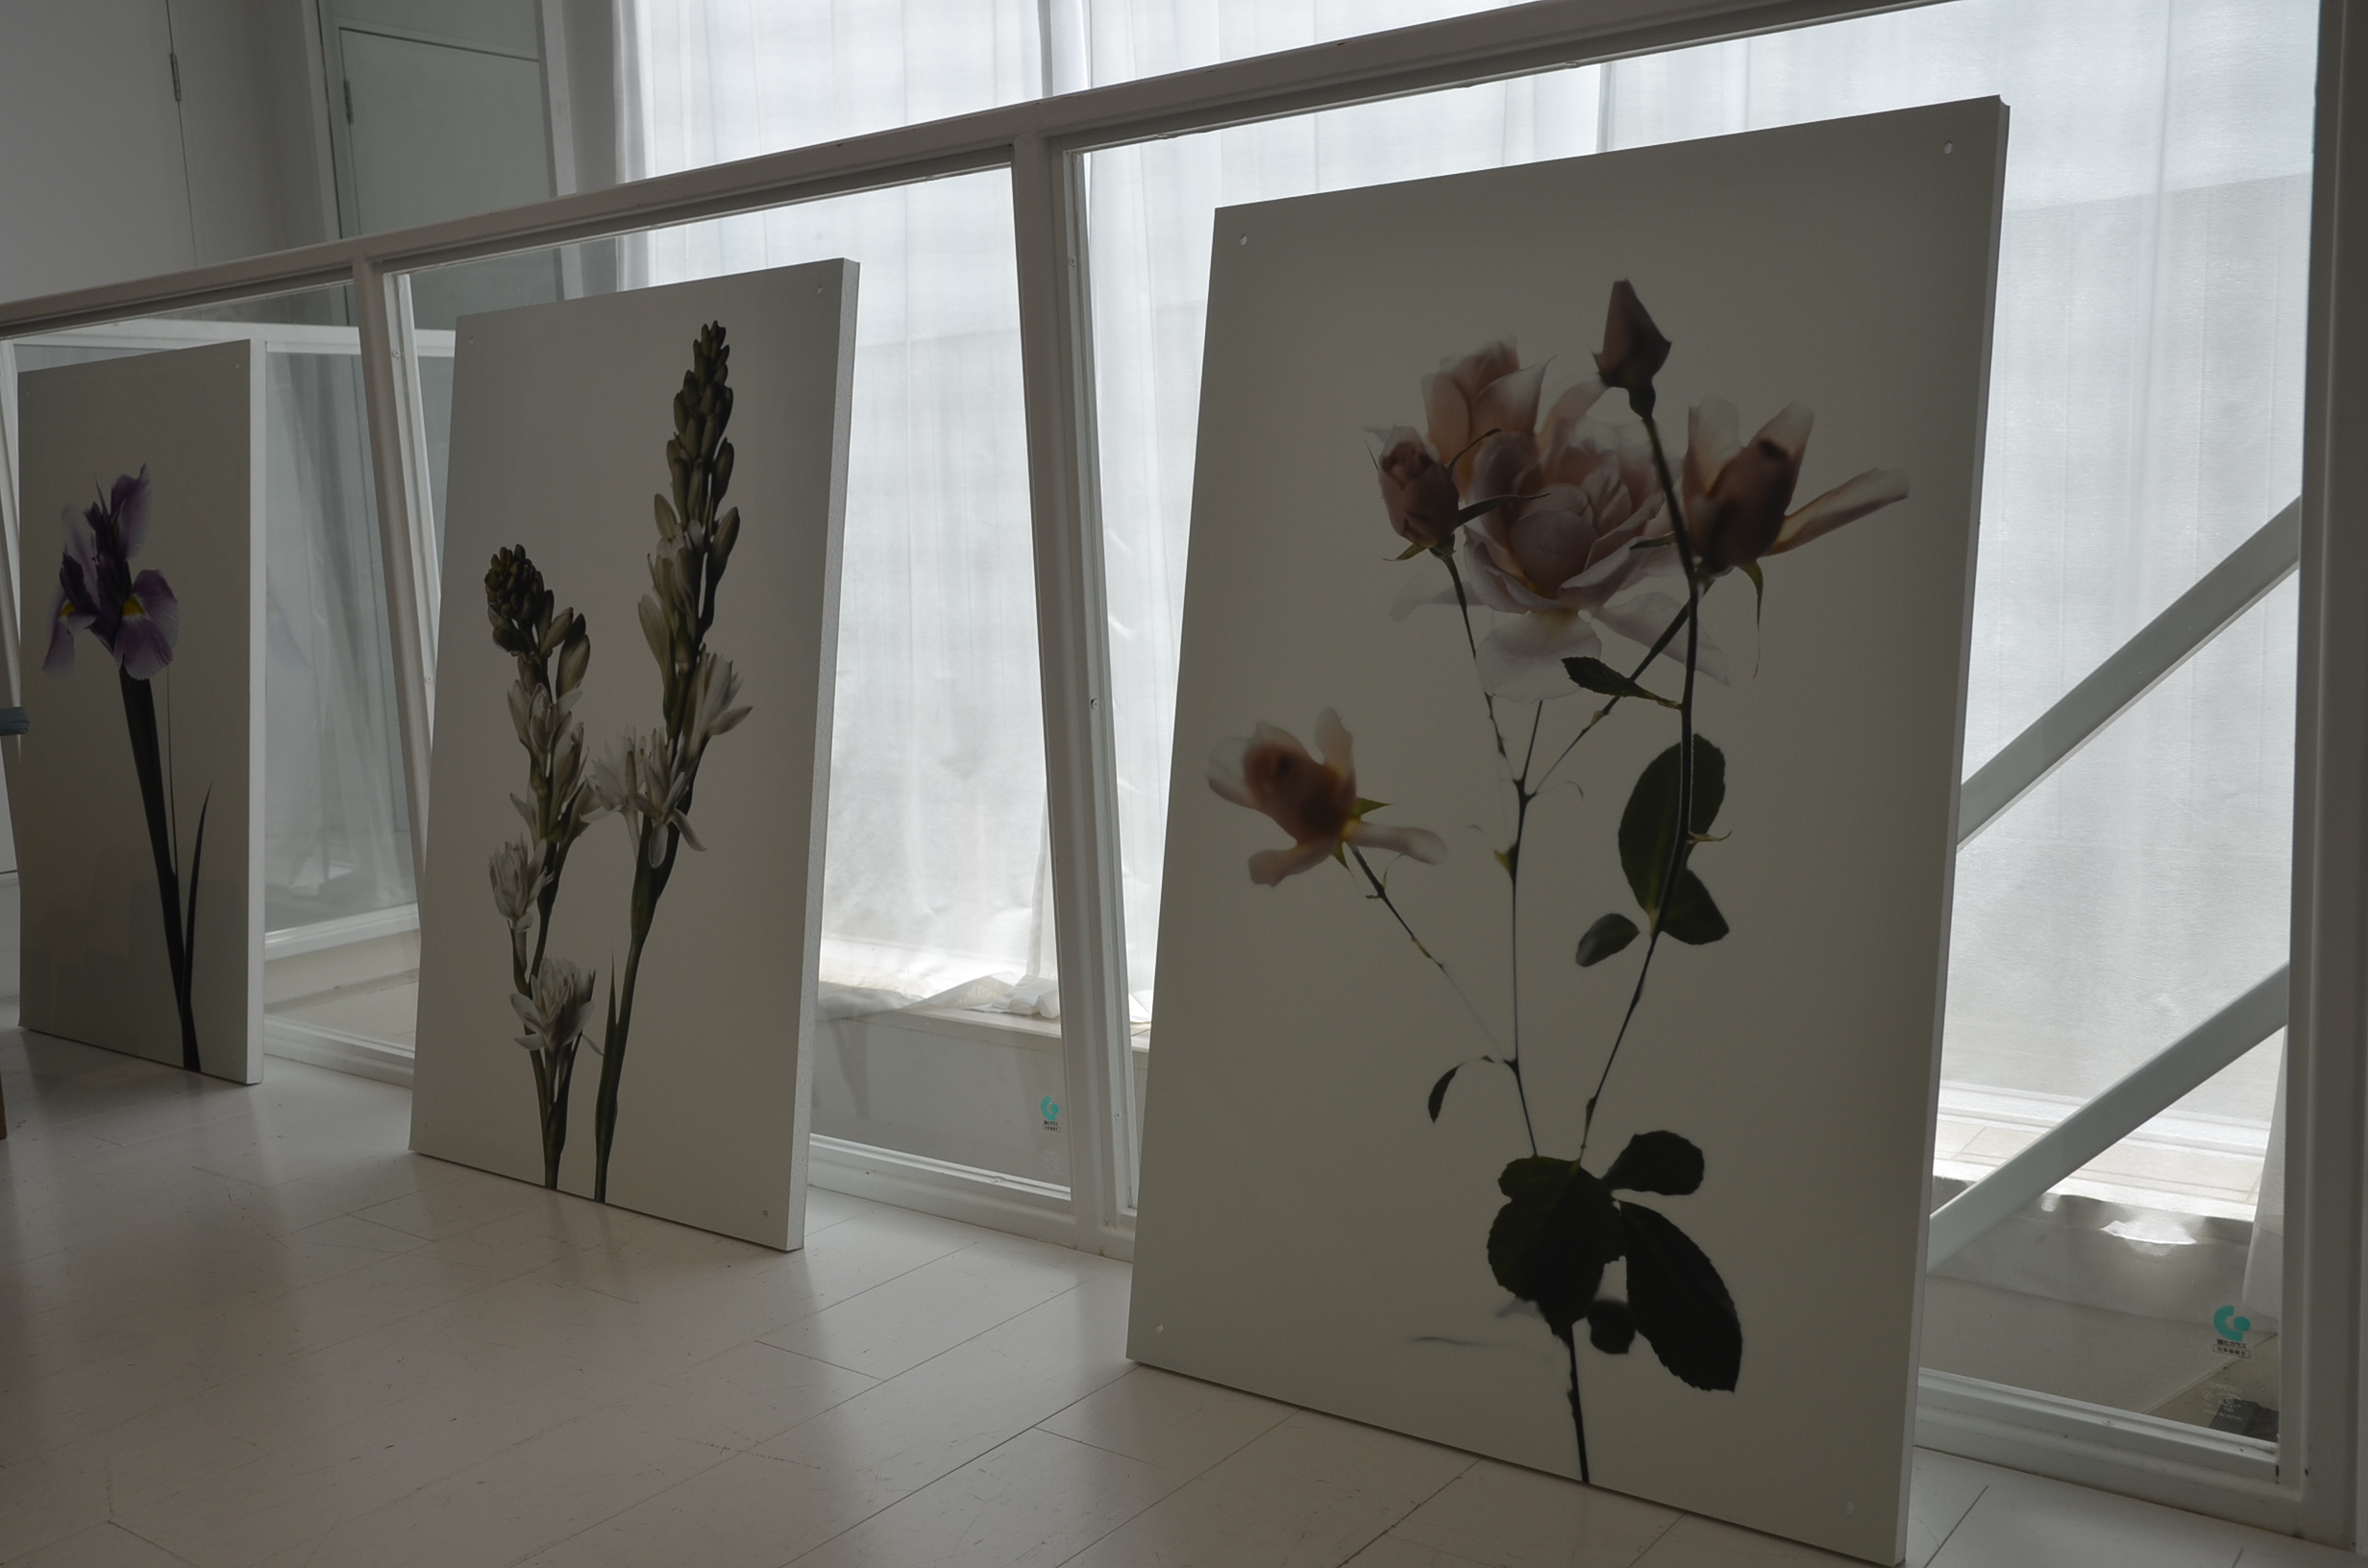 展示会場にも飾られた、シーズンテーマを表現する花の写真も「ランジェリーク」のための撮りおろし